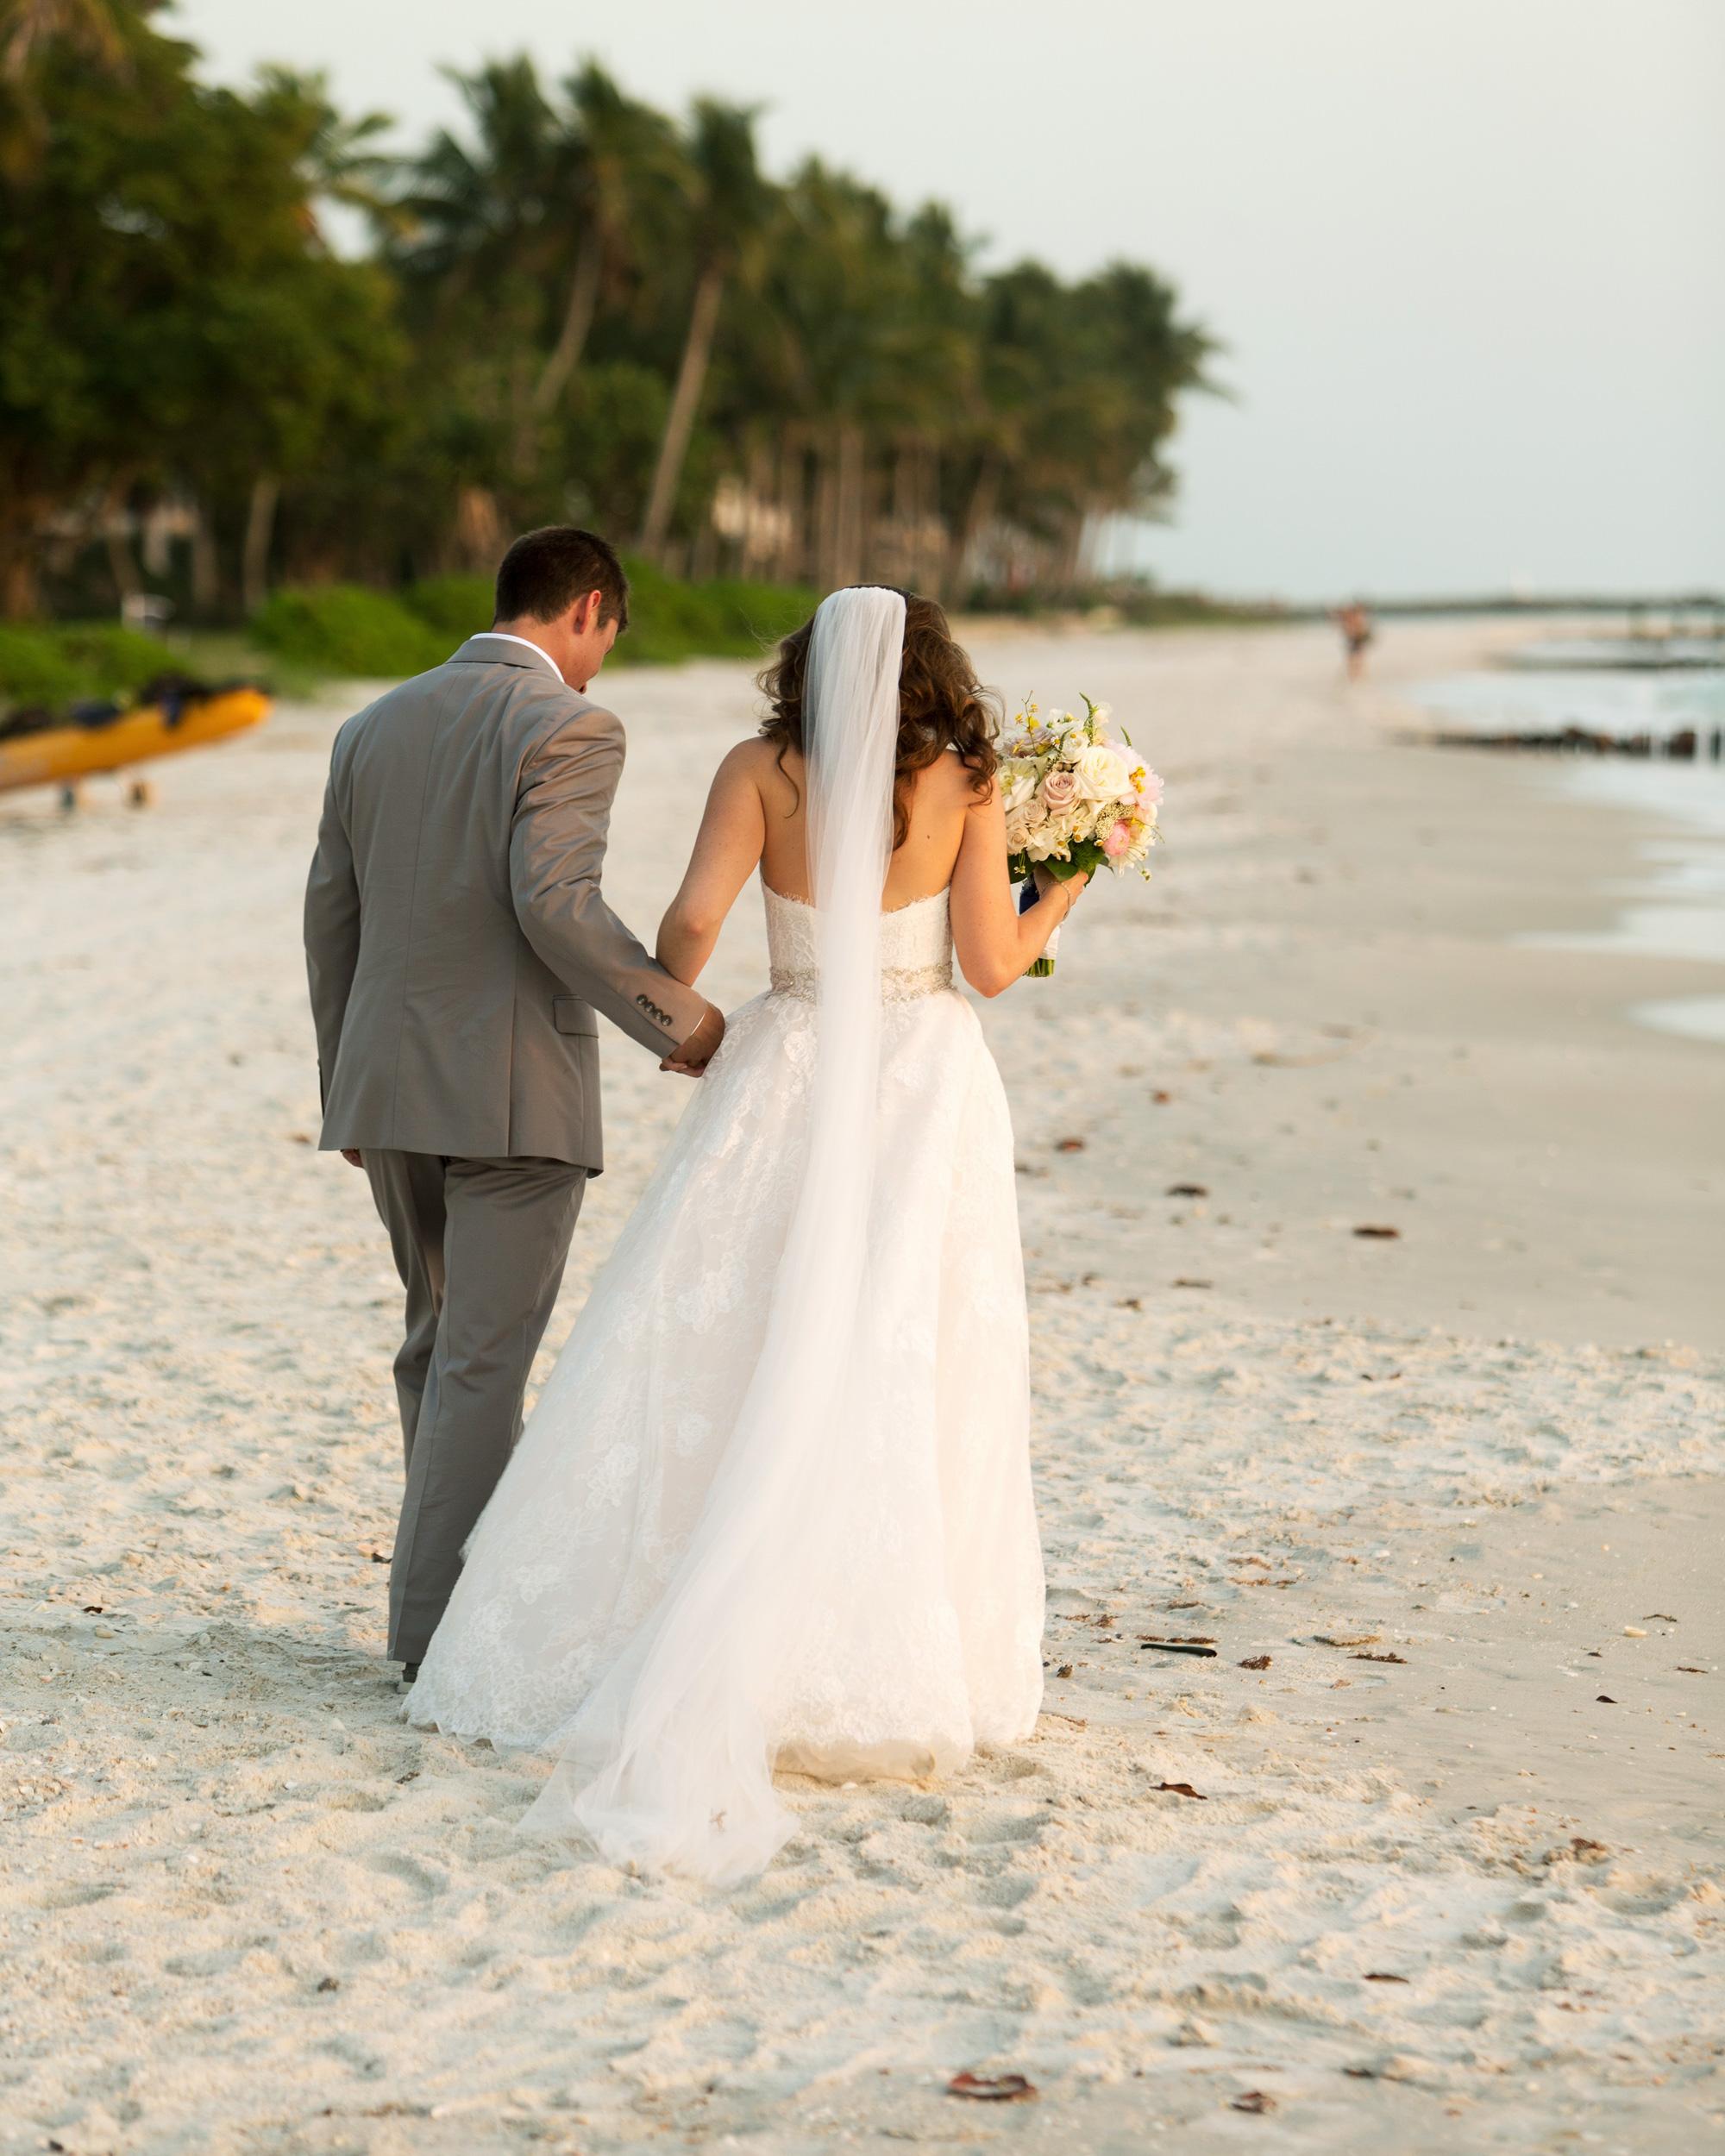 erin-ryan-florida-wedding-couple-beach-1035-s113010-0516.jpg